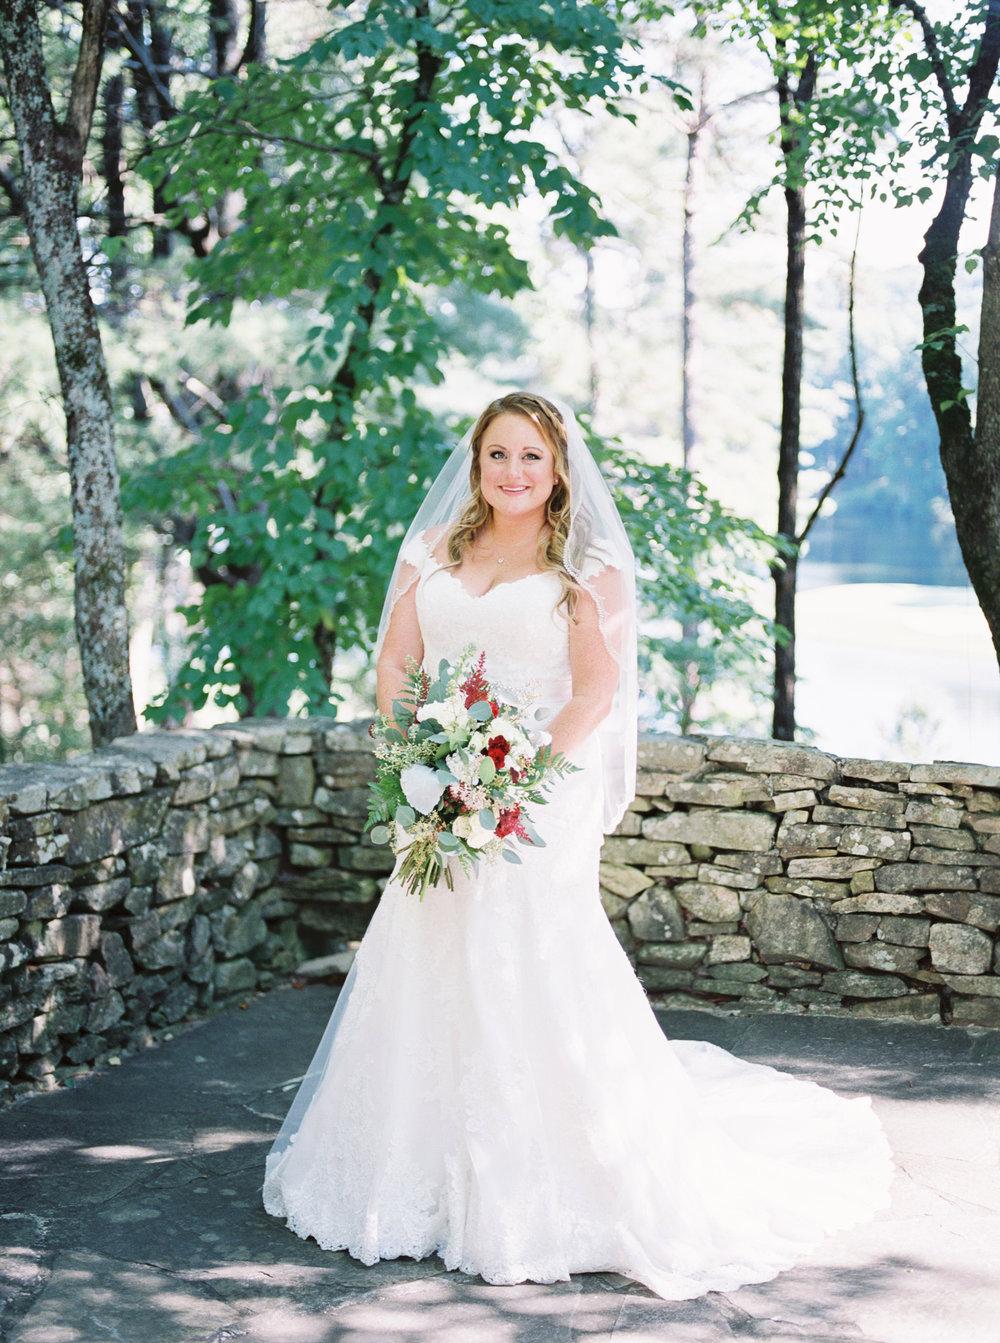 ashleybilly-wedding-ceremony-christinadavisphoto113.jpg